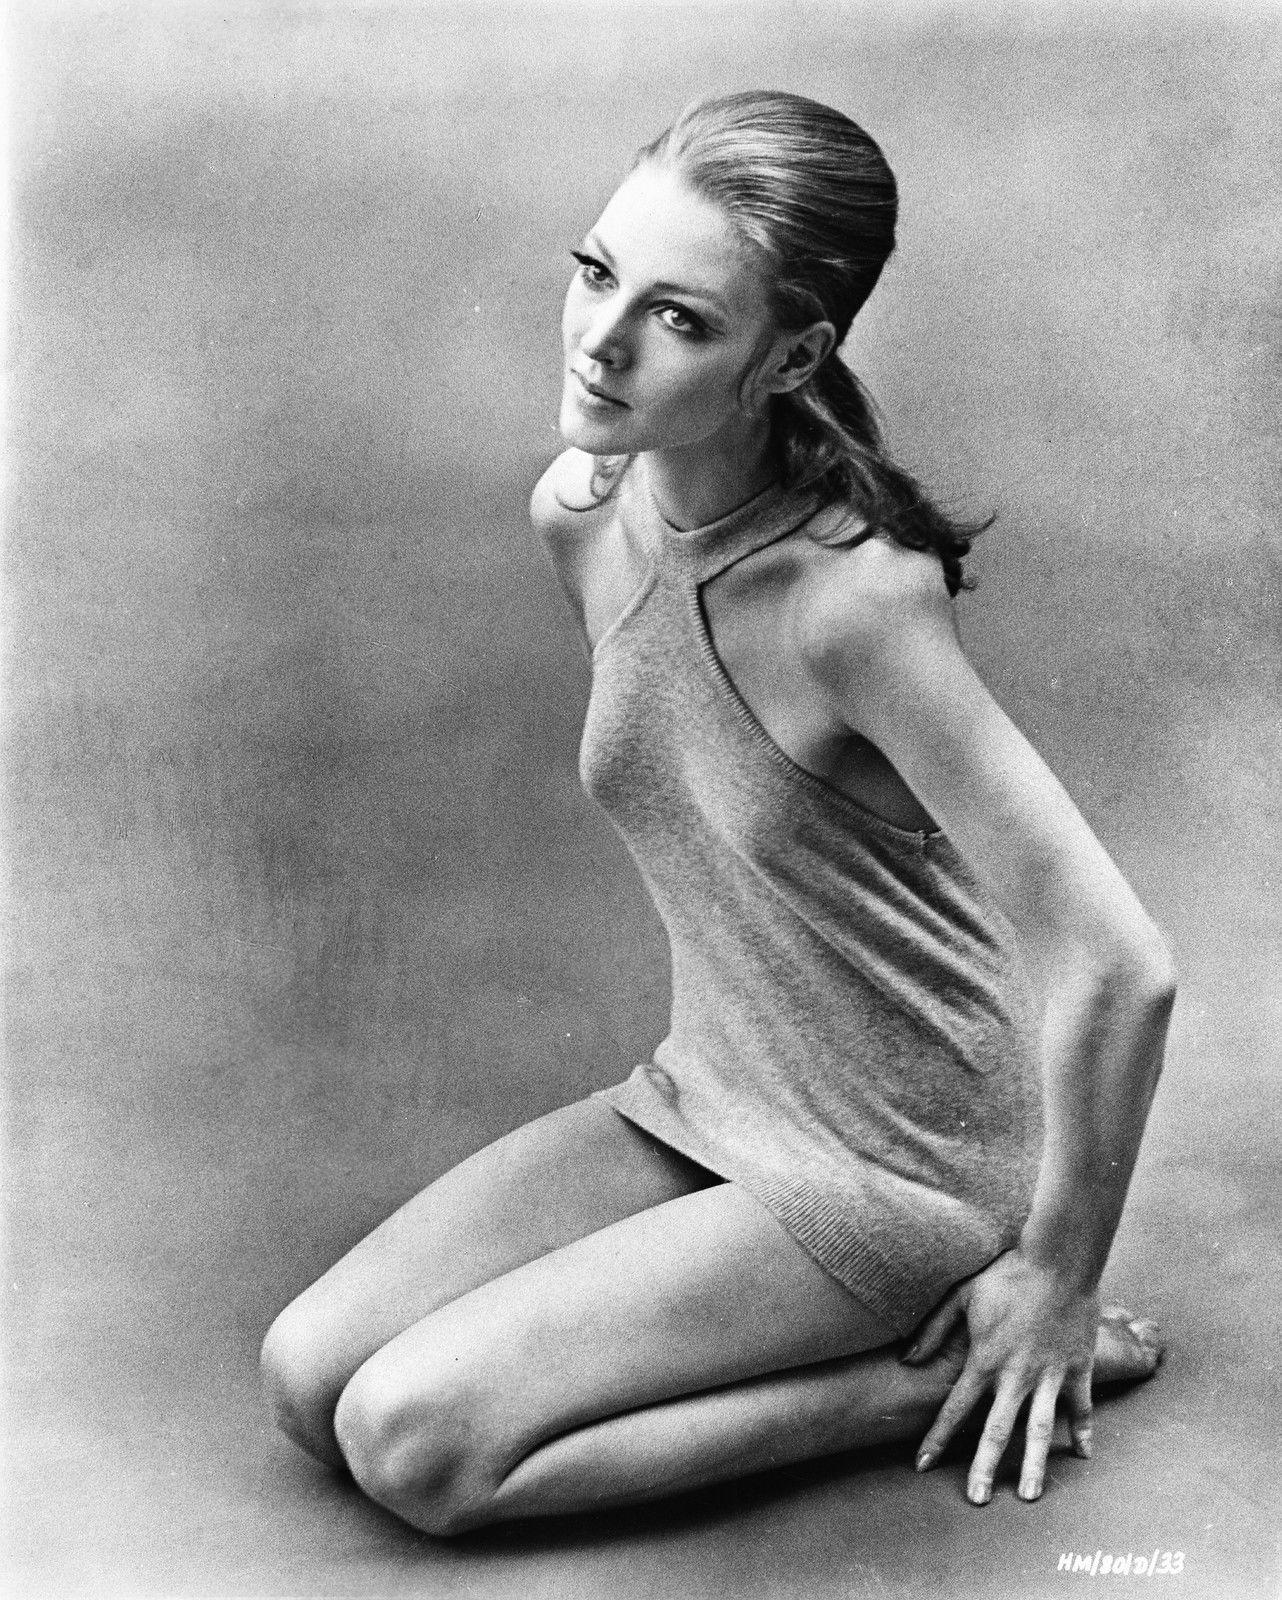 Joanna Pettet (born 1942)